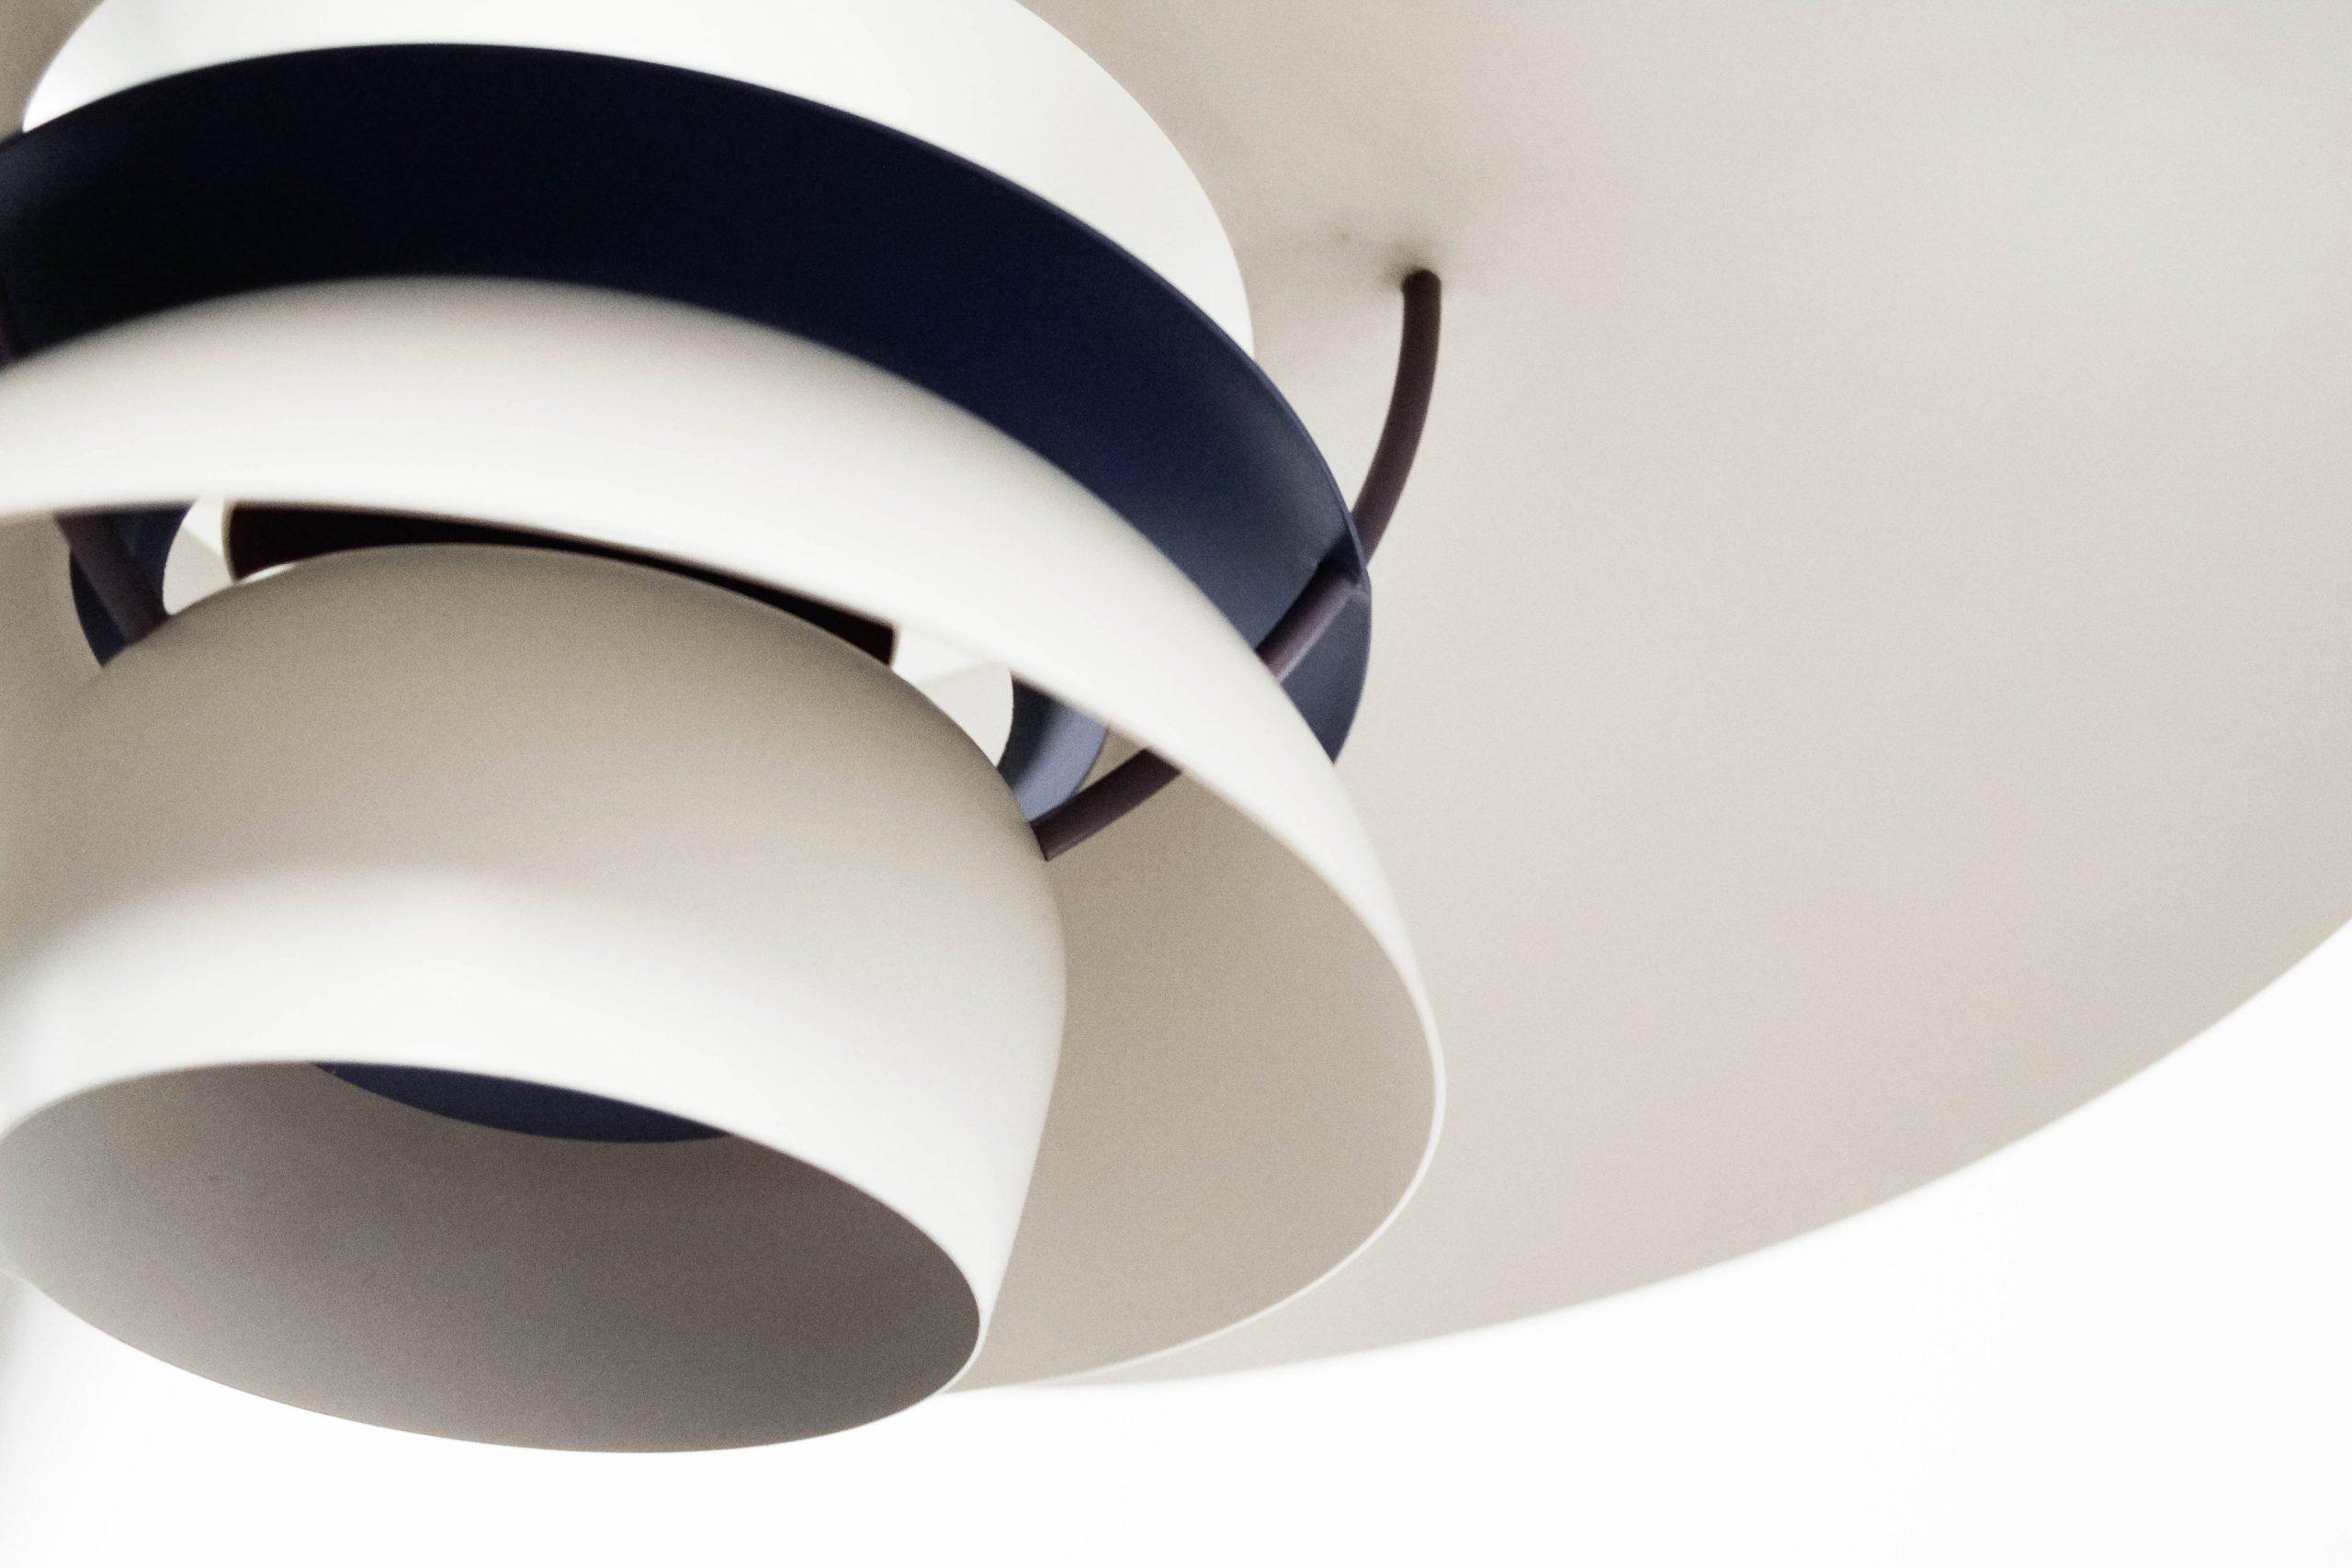 detalle lampara de calidad metalica de diseño danesa poulsen